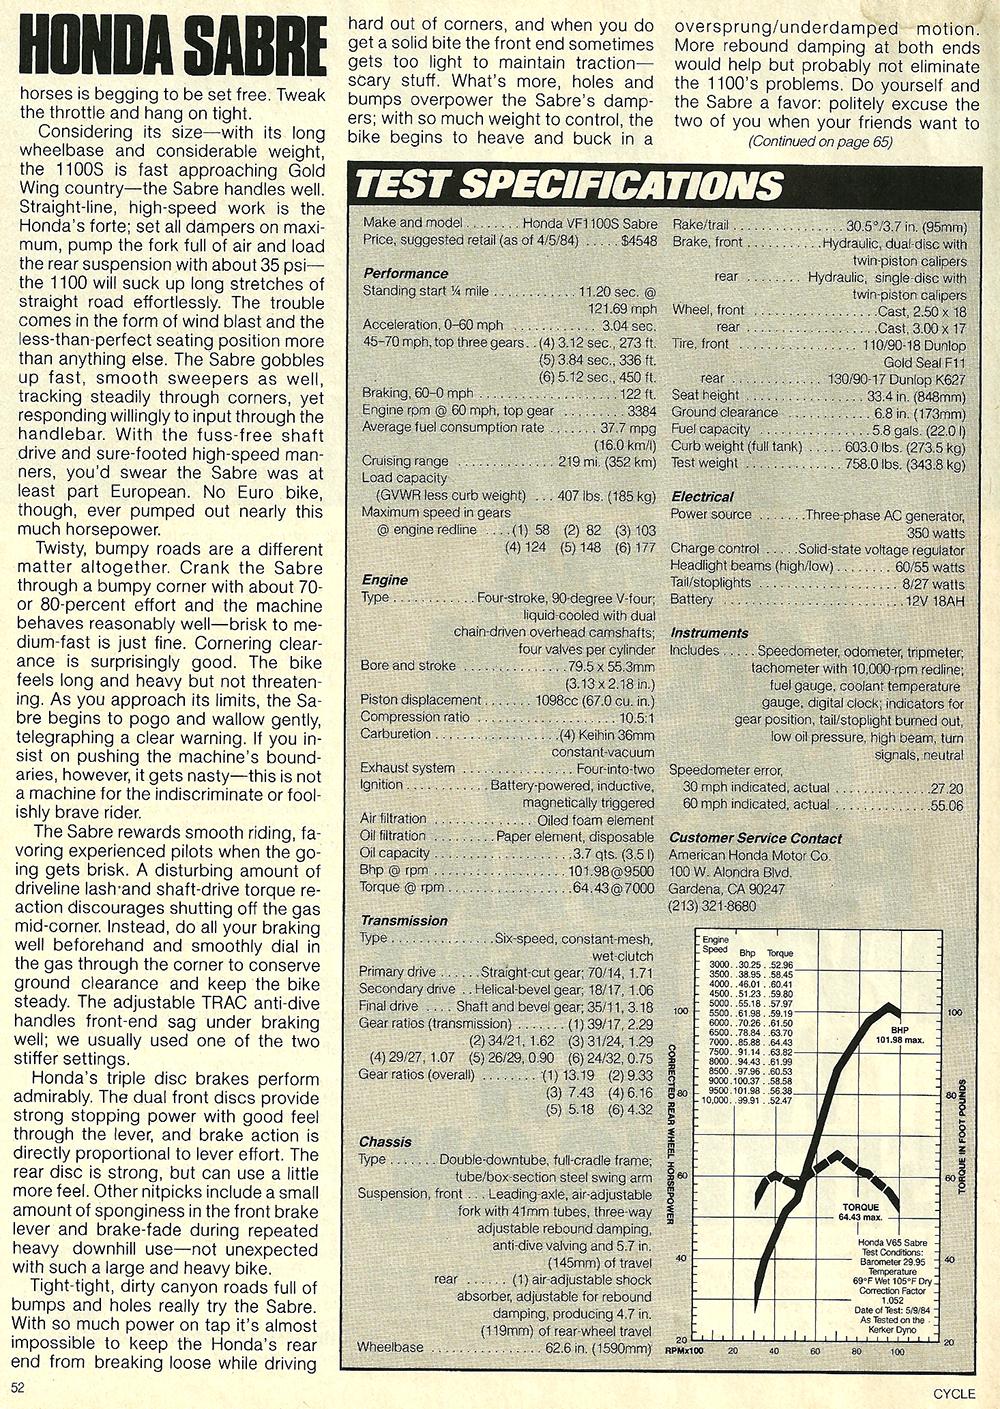 1984 Honda V65 Sabre road test 8.jpg